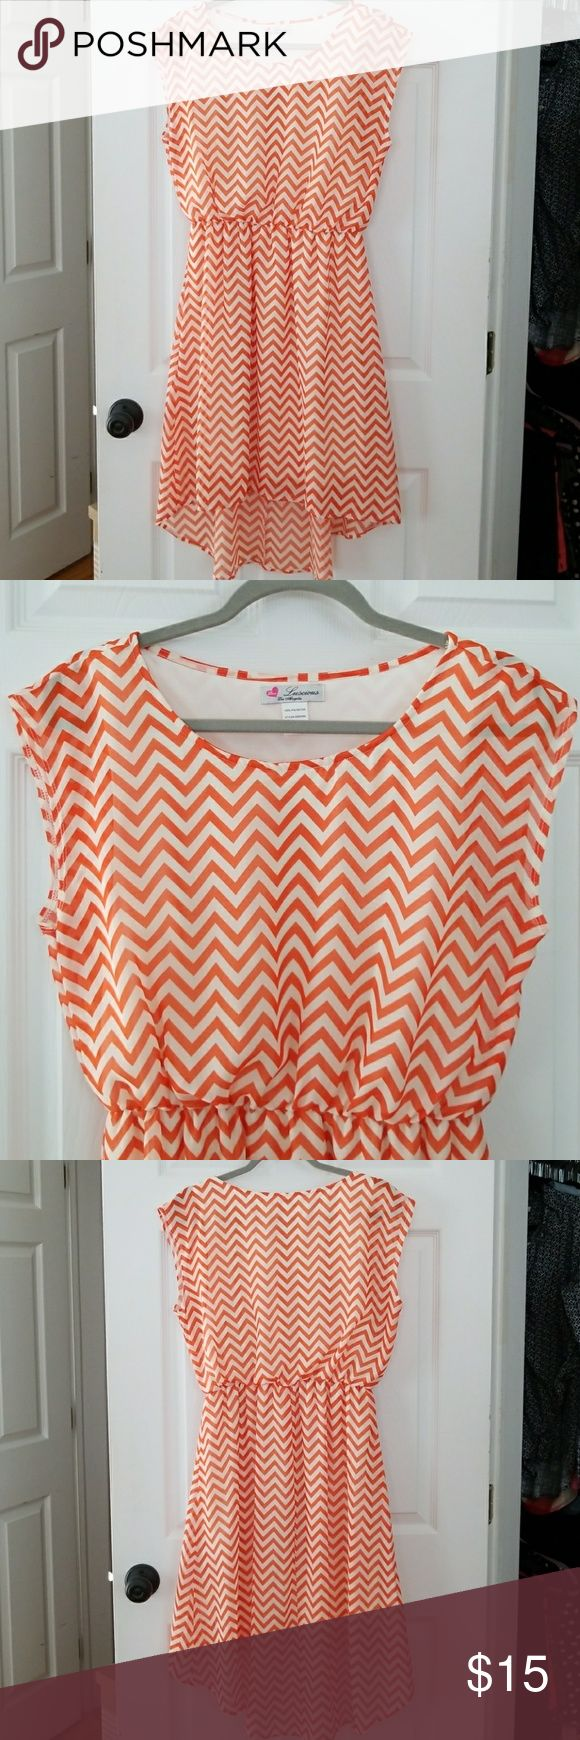 I just added this listing on Poshmark: Orange chevron dress. #shopmycloset #poshmark #fashion #shopping #style #forsale #Luscious #Dresses & Skirts